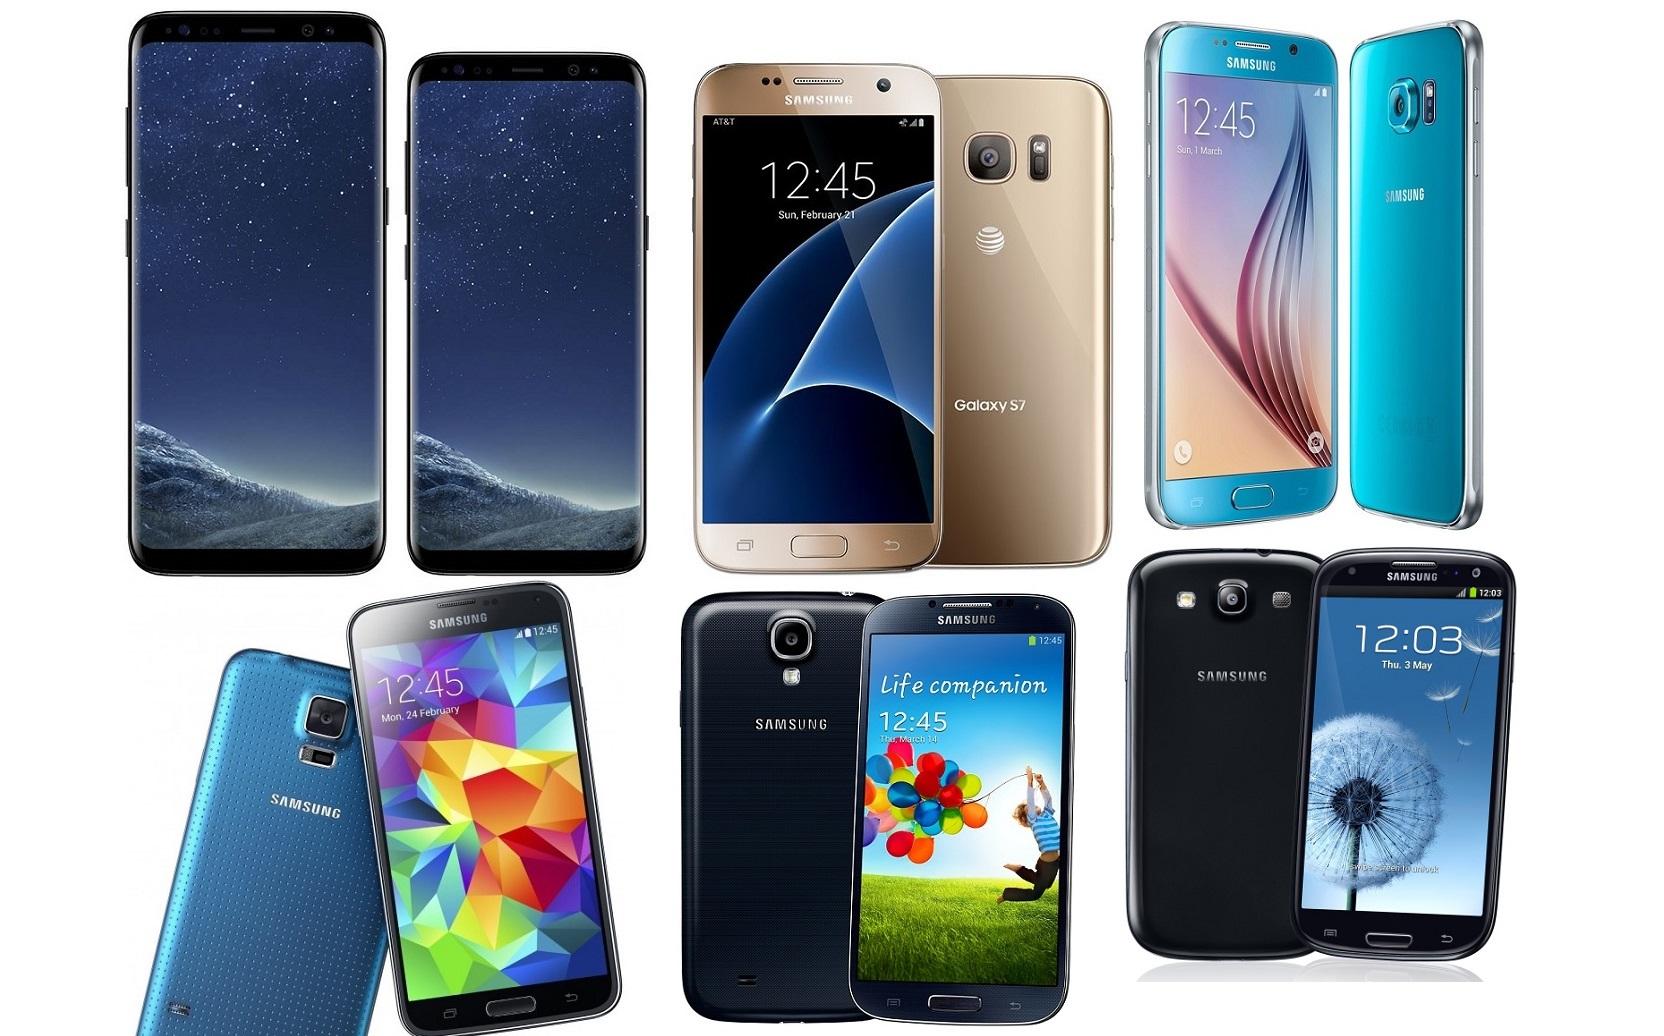 Samsung Galaxy S Serisi Telefonlar 214 Zellikleri Ve Fiyatları